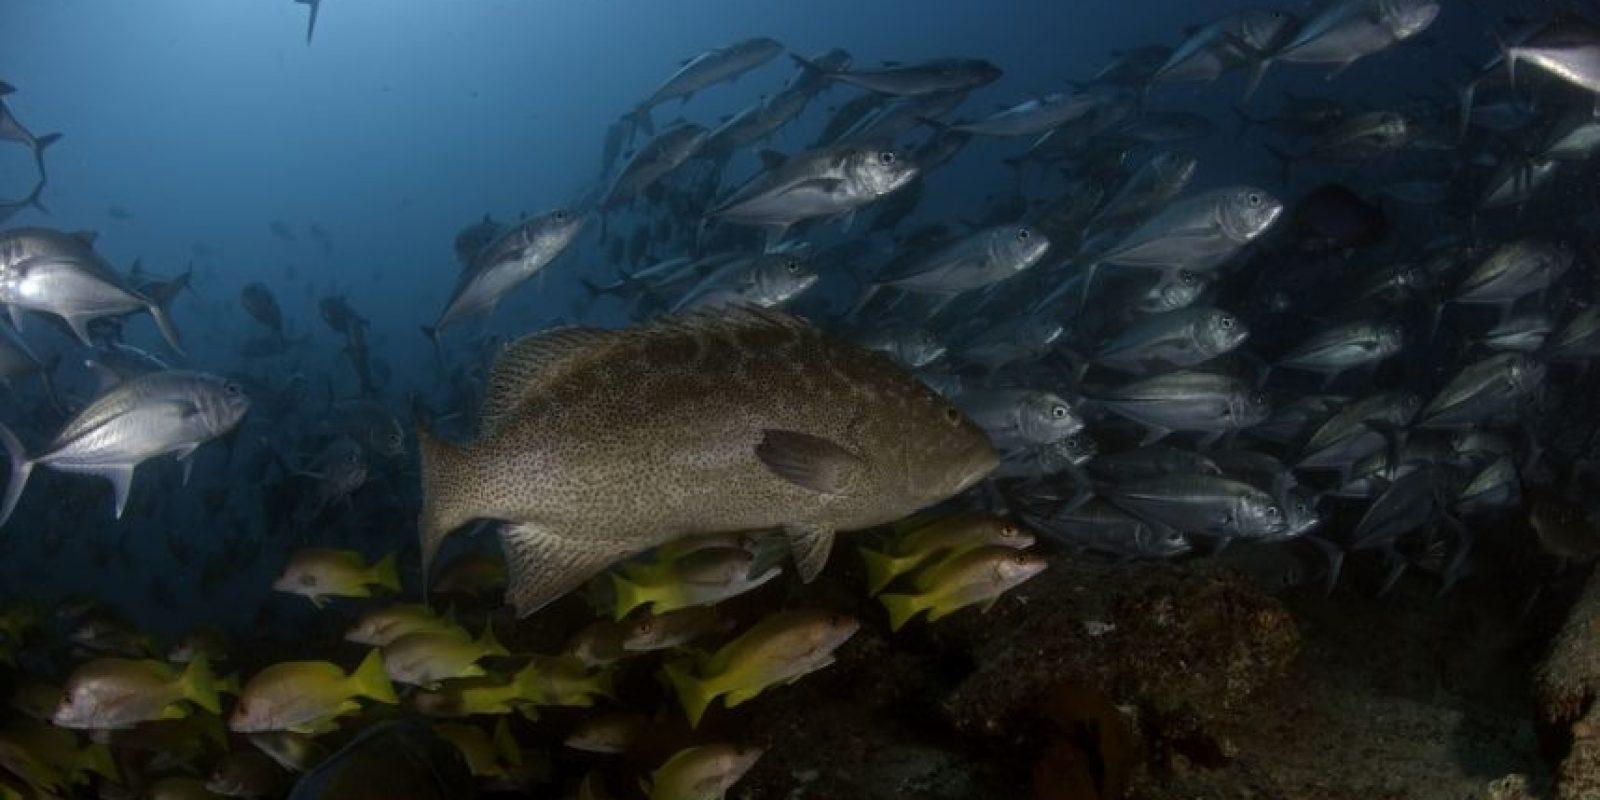 El Parque Nacional Cabo Pulmo es una de las áreas más importantes de la región del Golfo de California, también conocido como Acuario del mundo. Cabo Pulmo es el único ecosistema de arrecife coralino en el Golfo de California y como tal, representa un tipo particular de hábitat de comunidades de flora y fauna. Foto:Octavio Aburto